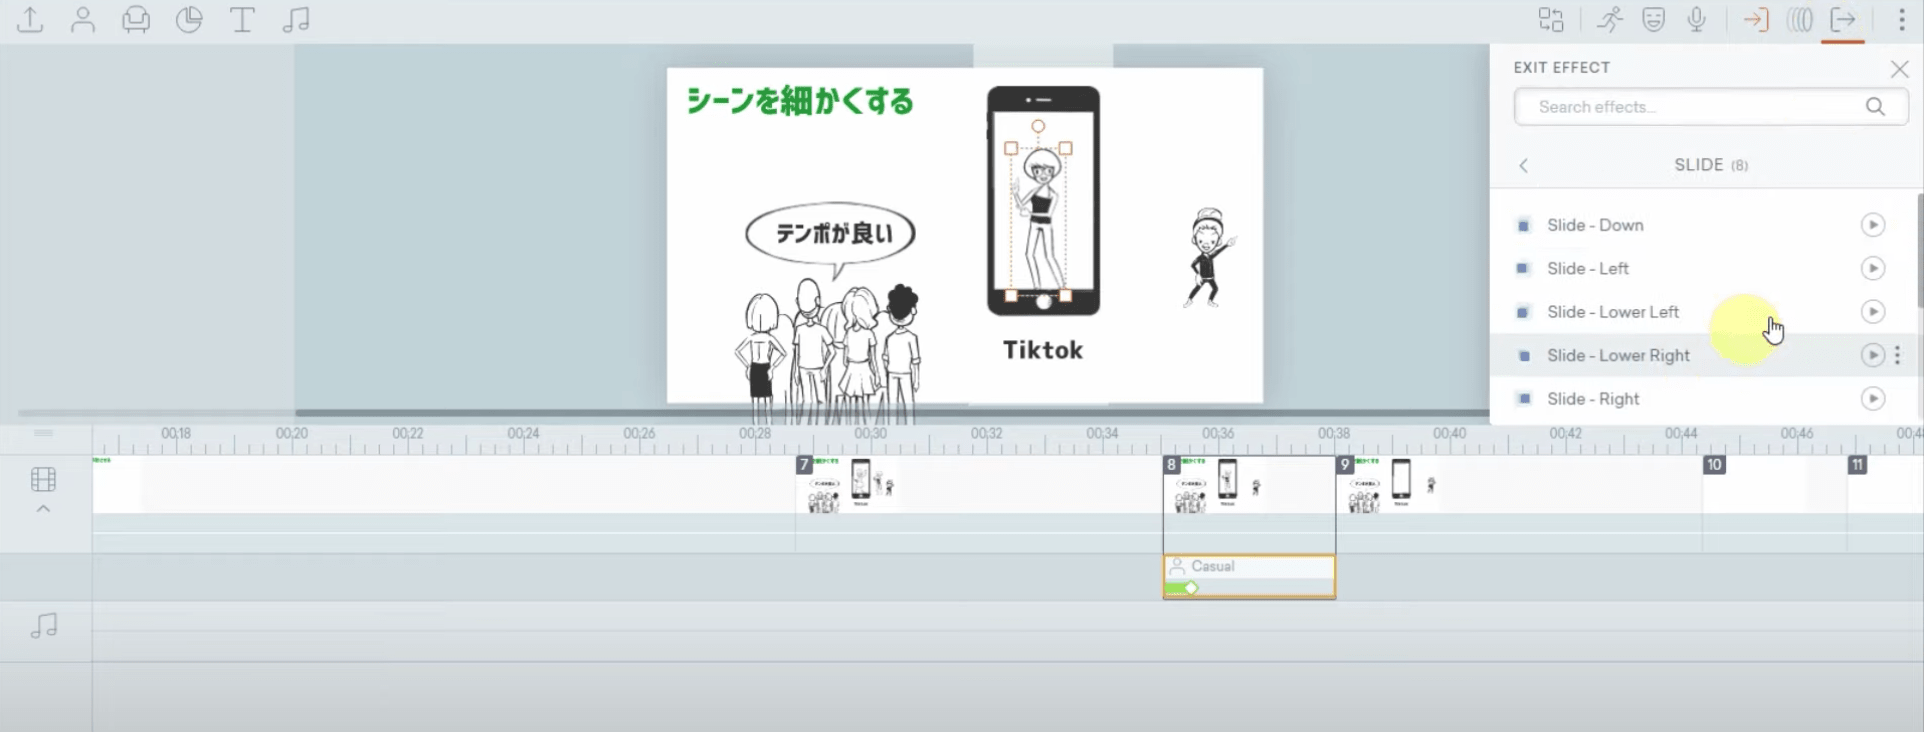 VYONDの画面